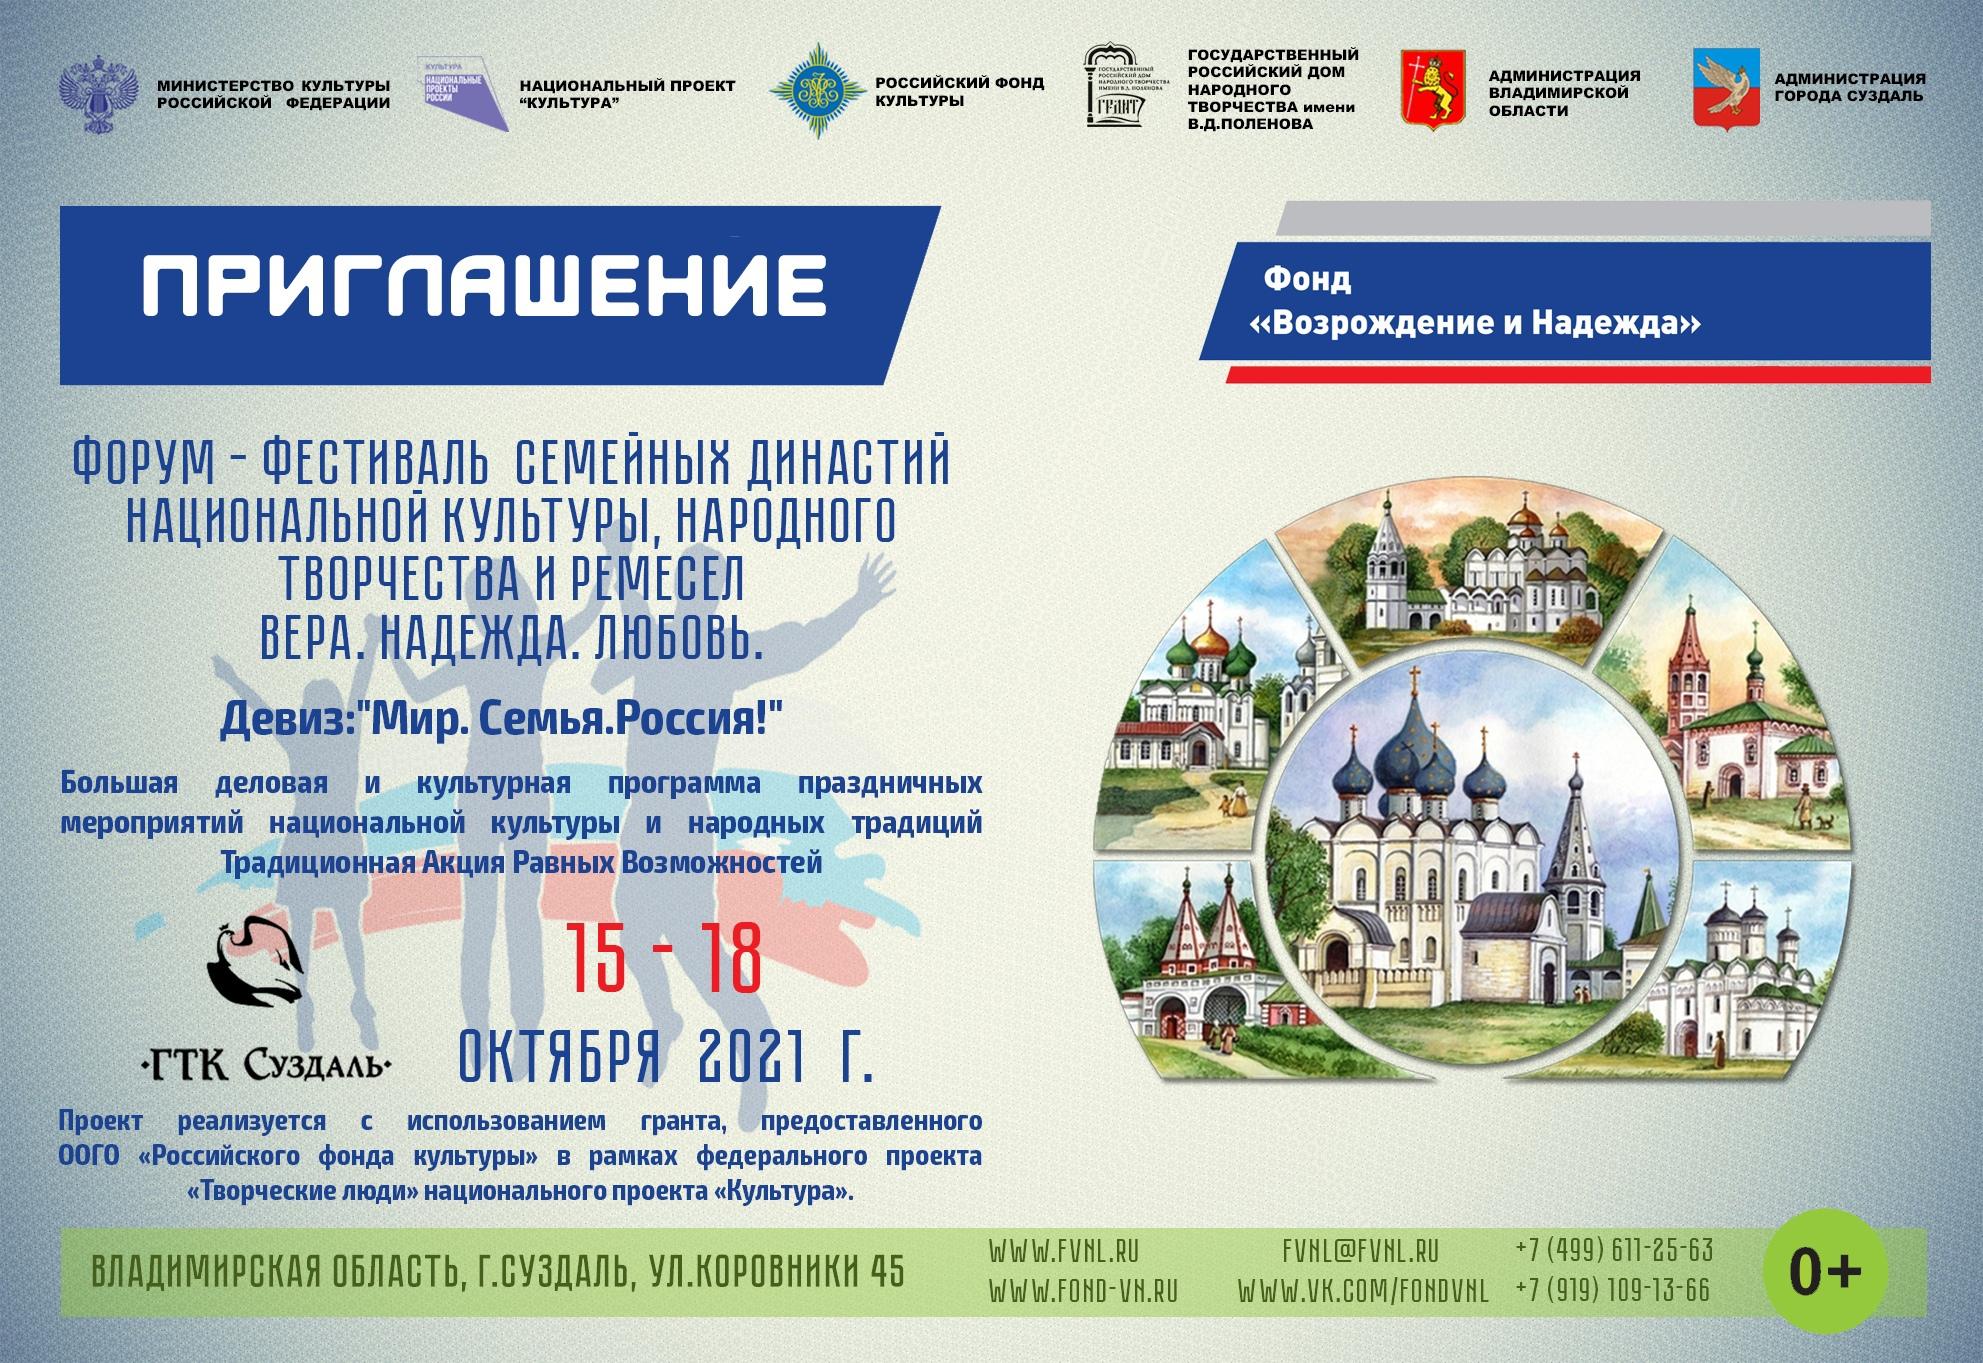 В Суздале пройдет Международный Фестиваль семейных династий